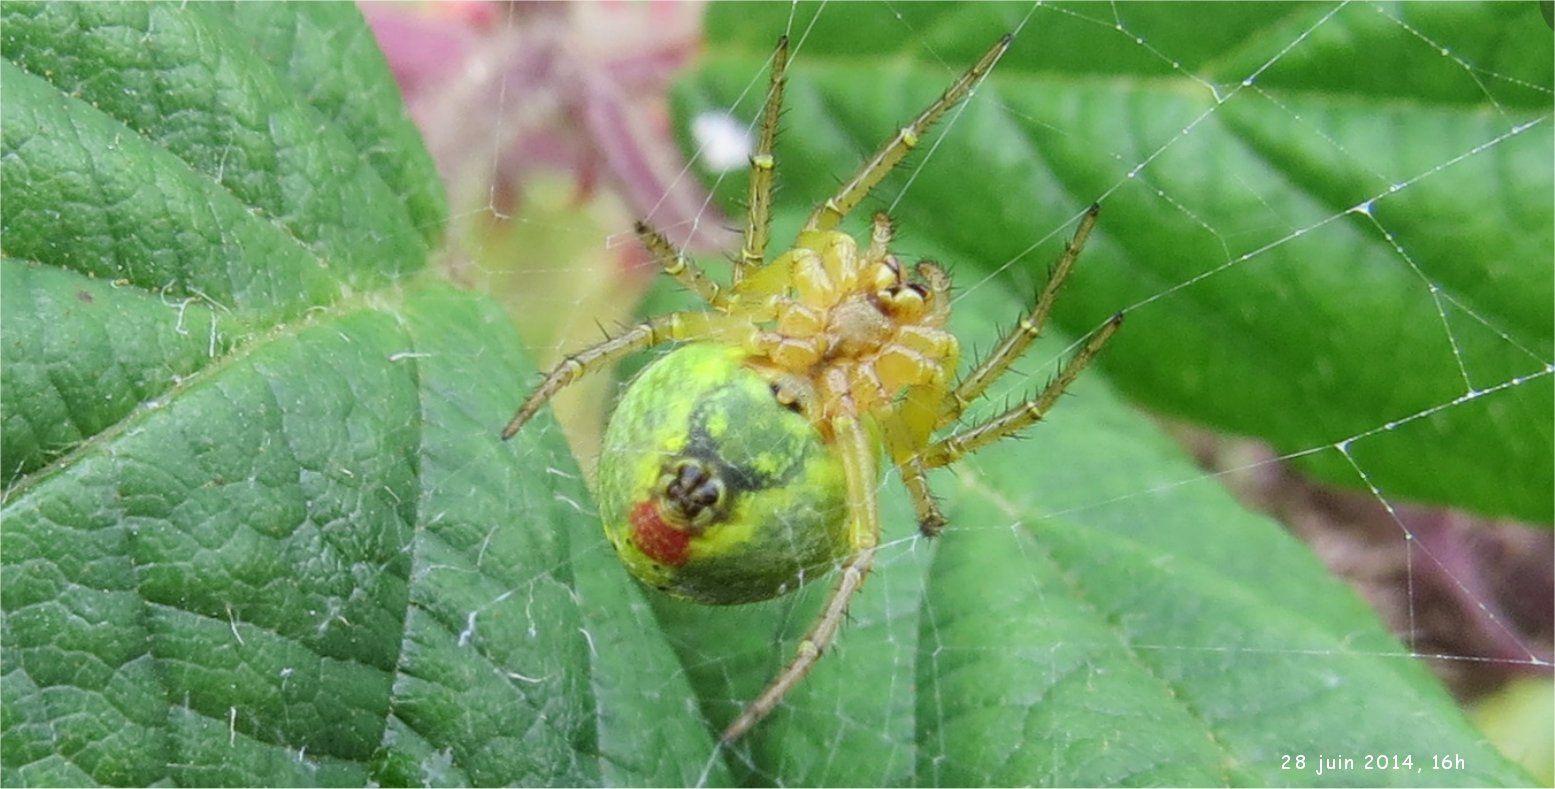 .. et cette araignée multicolore qui pourrait être une araignée femelle du genre Areniella cucurbitina (me dit Anne).